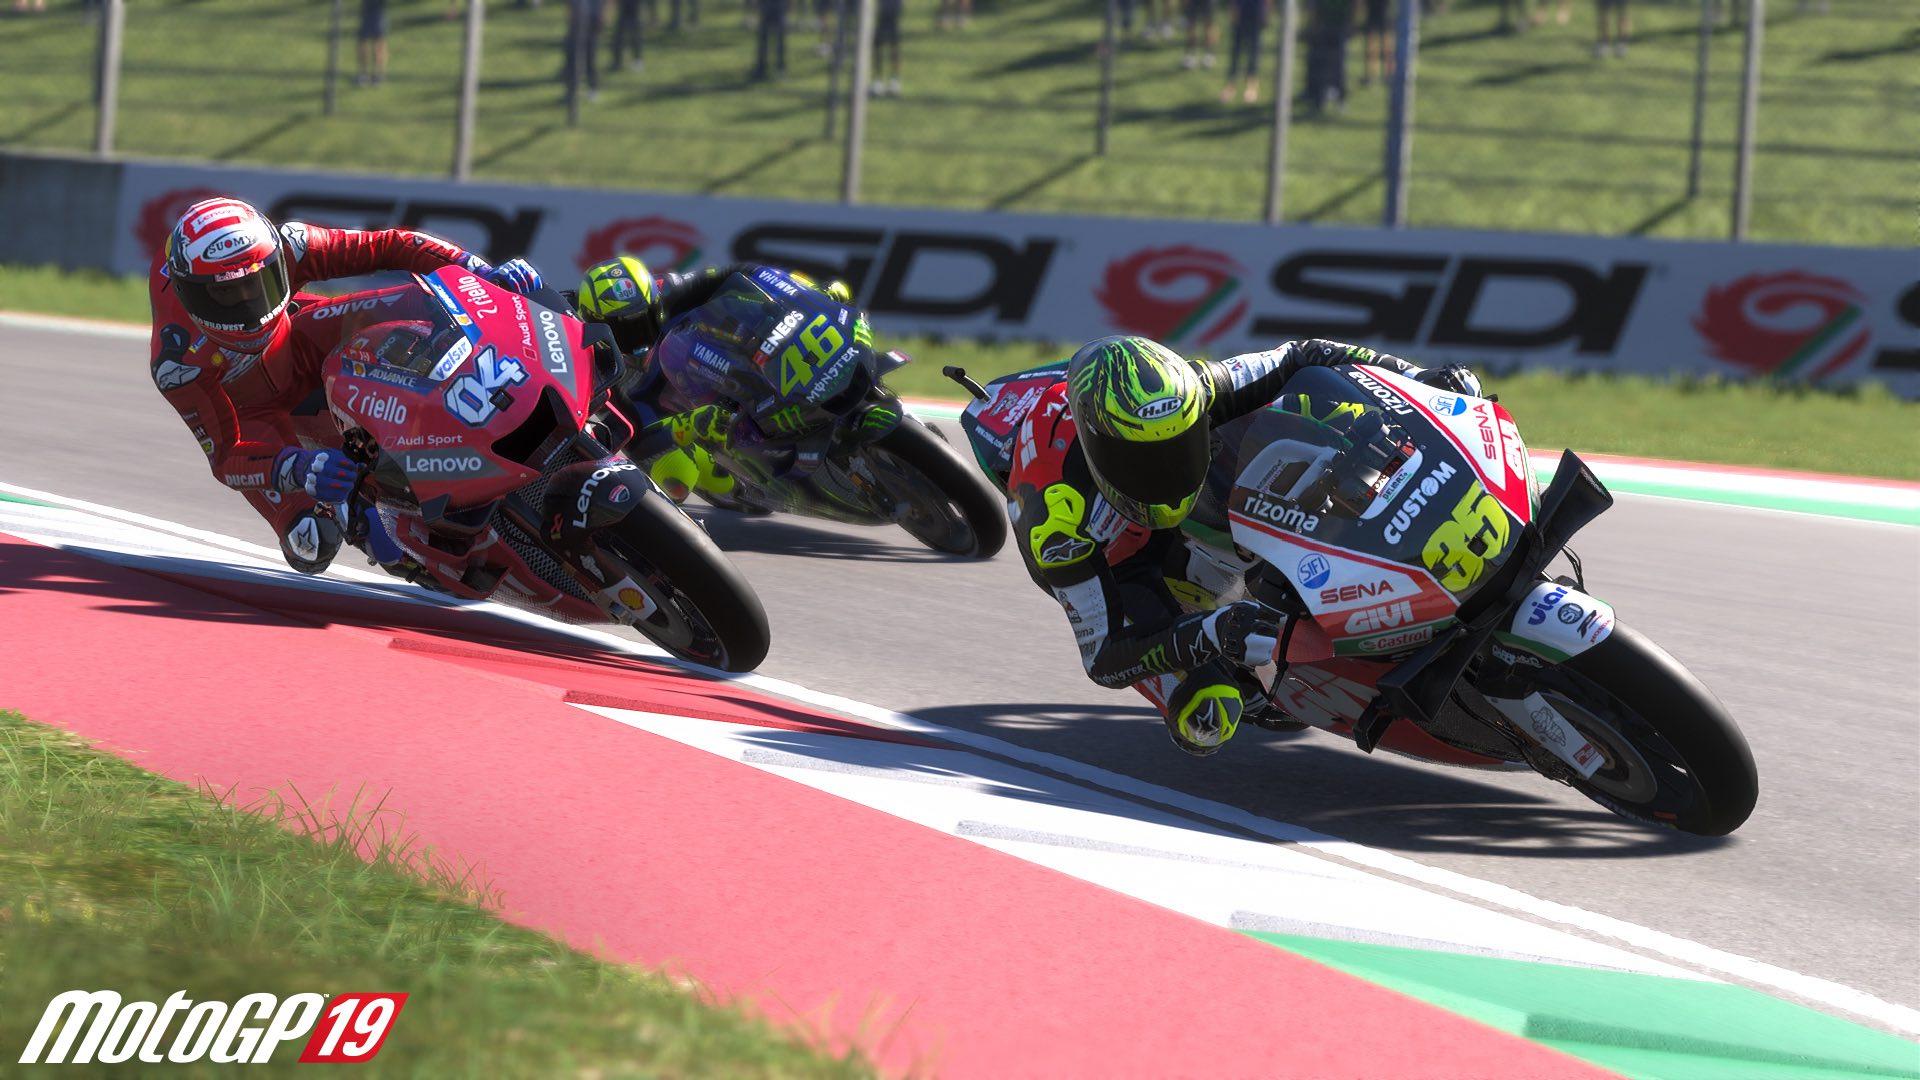 impresiones MotoGP 19